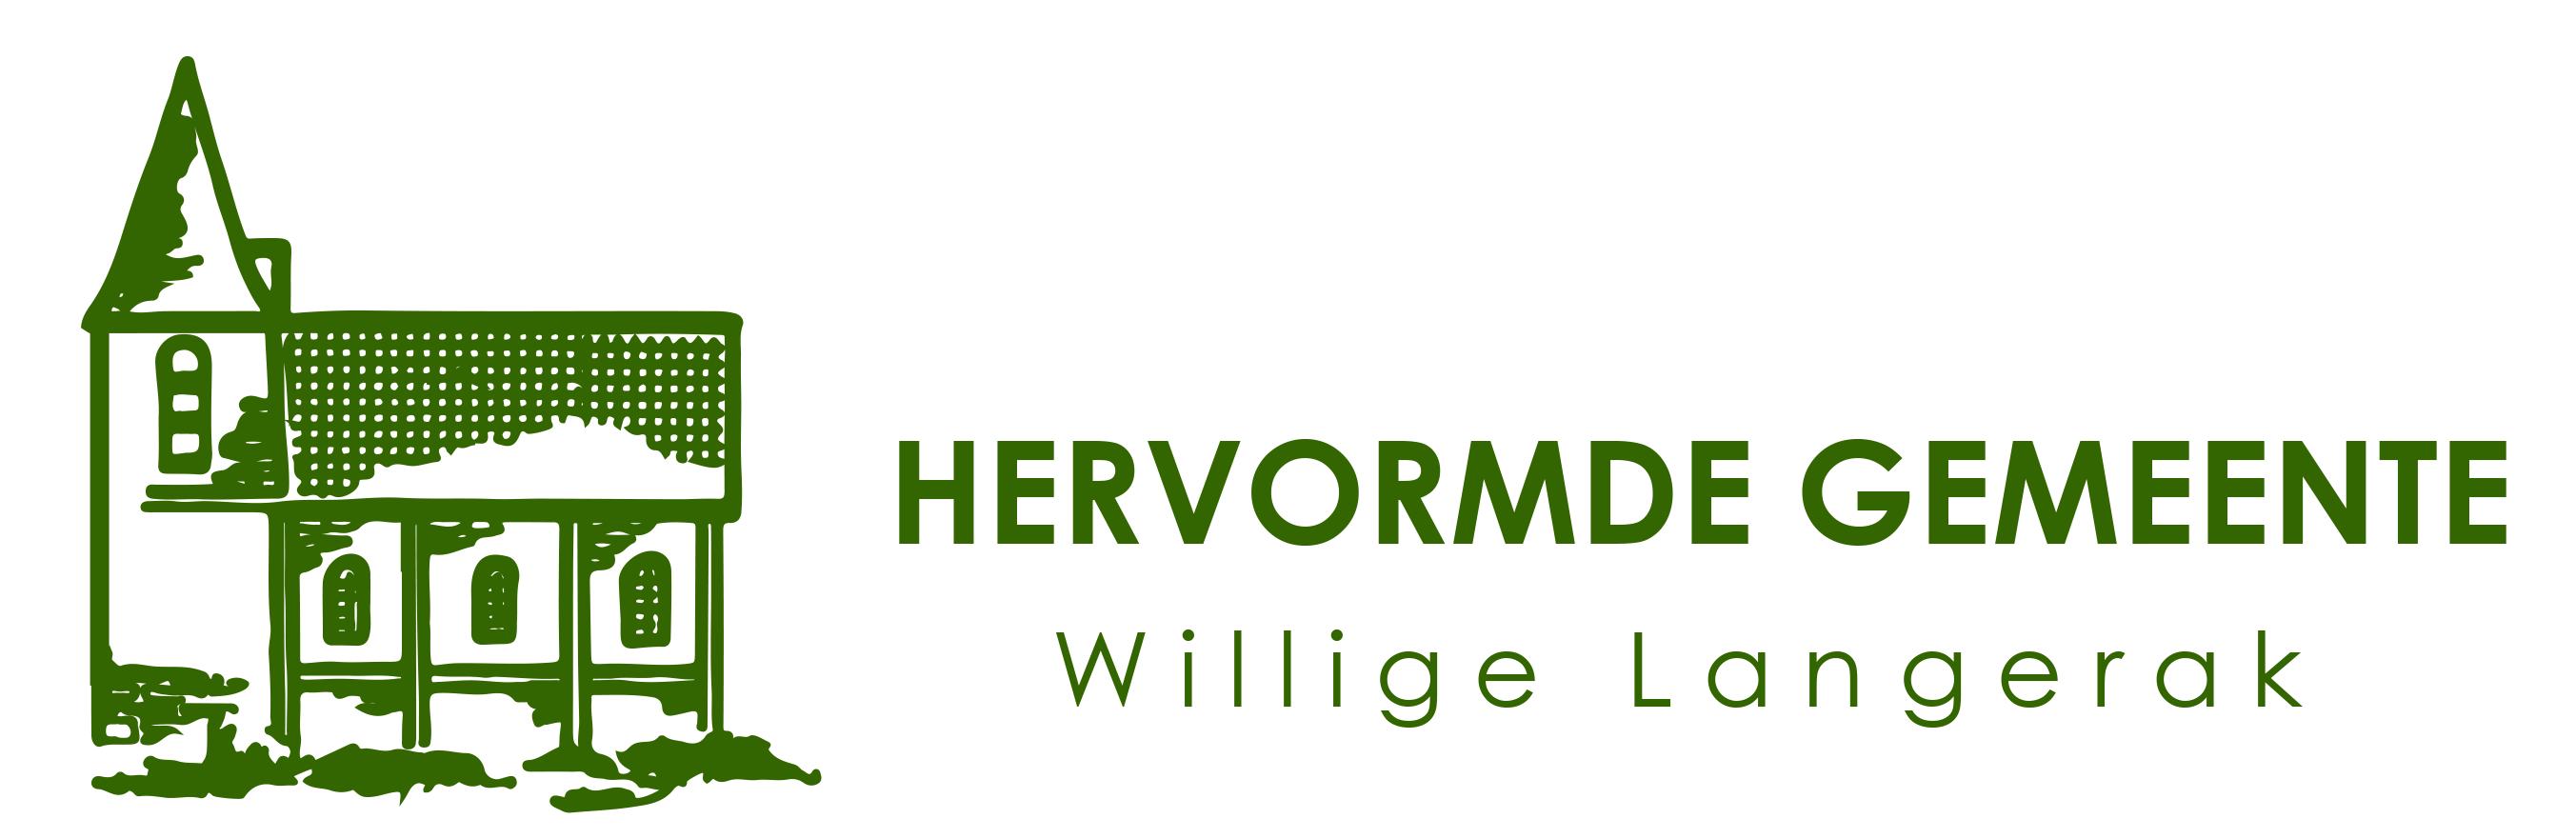 Hervormde Gemeente Willige Langerak